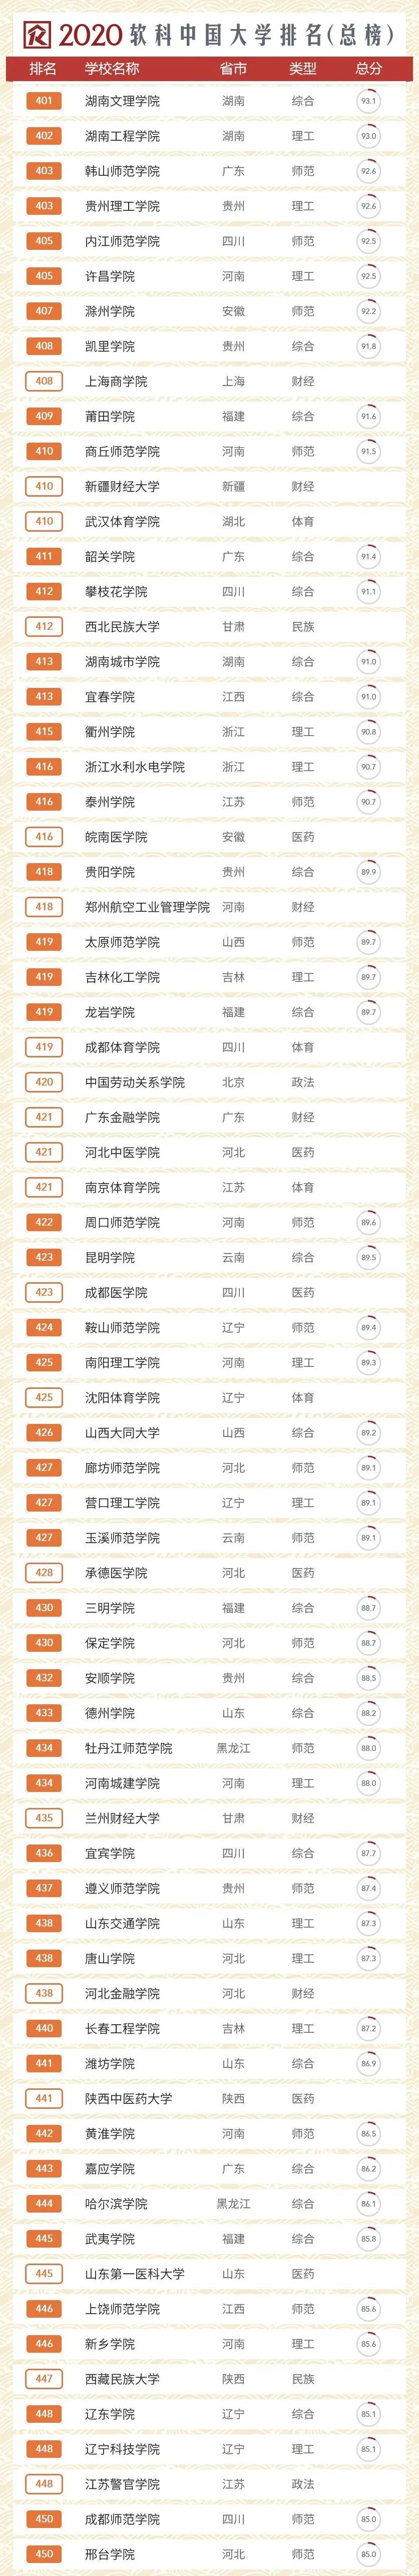 2020中国大学排名!你的院校排多少?